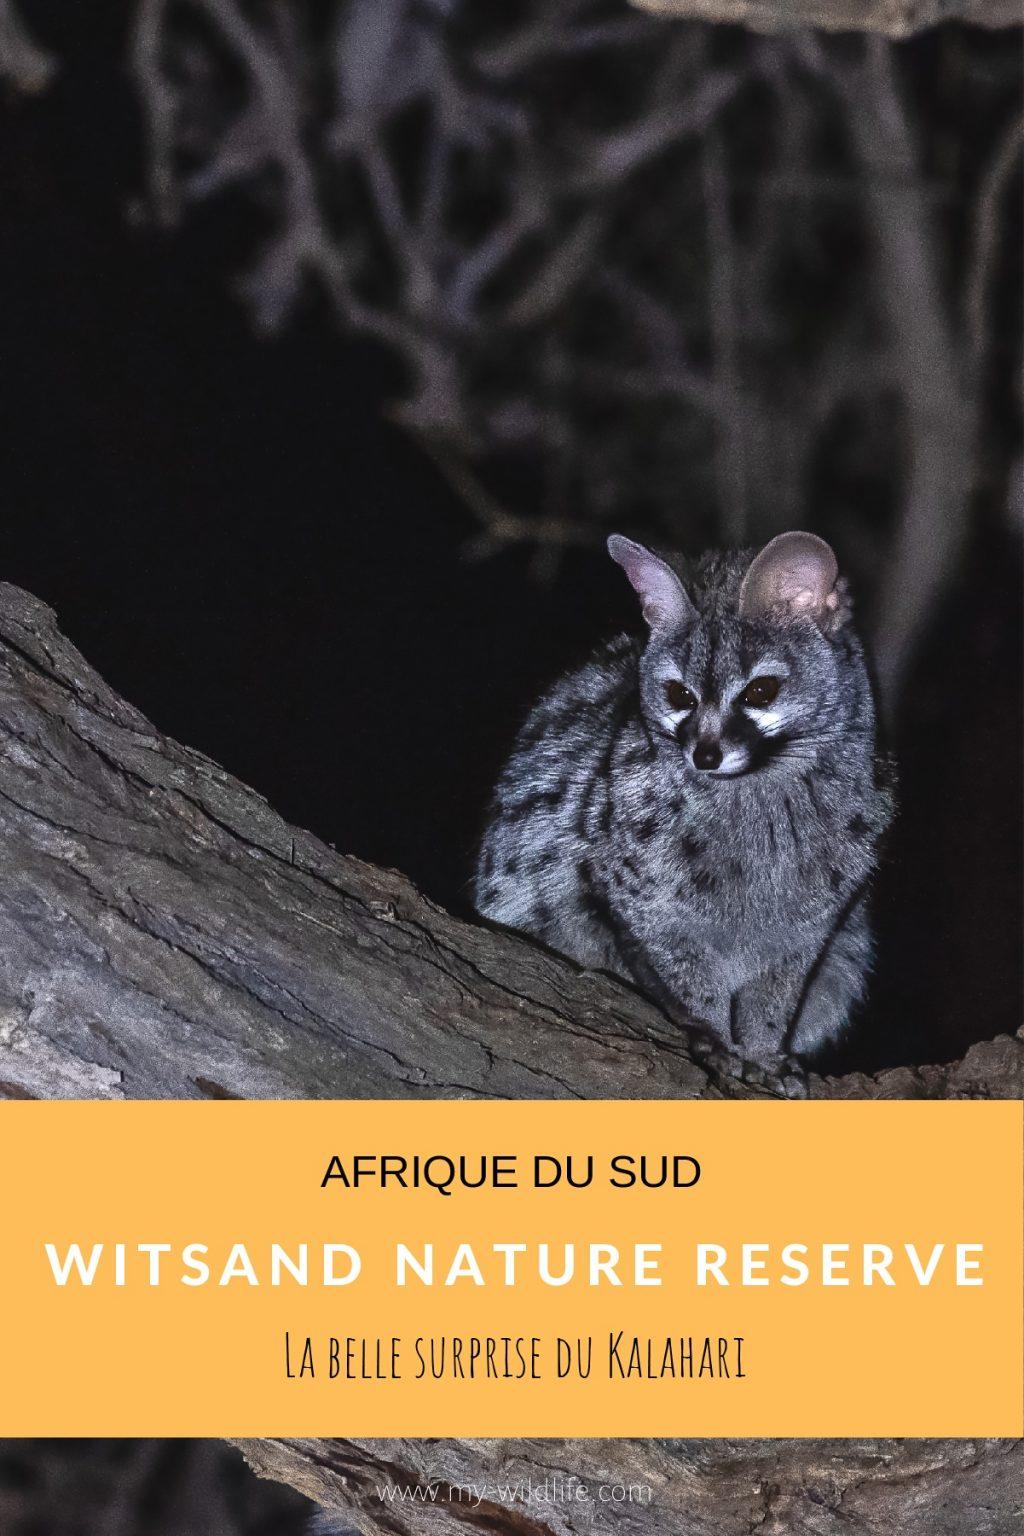 Witsand Nature reserve, Afrique du Sud